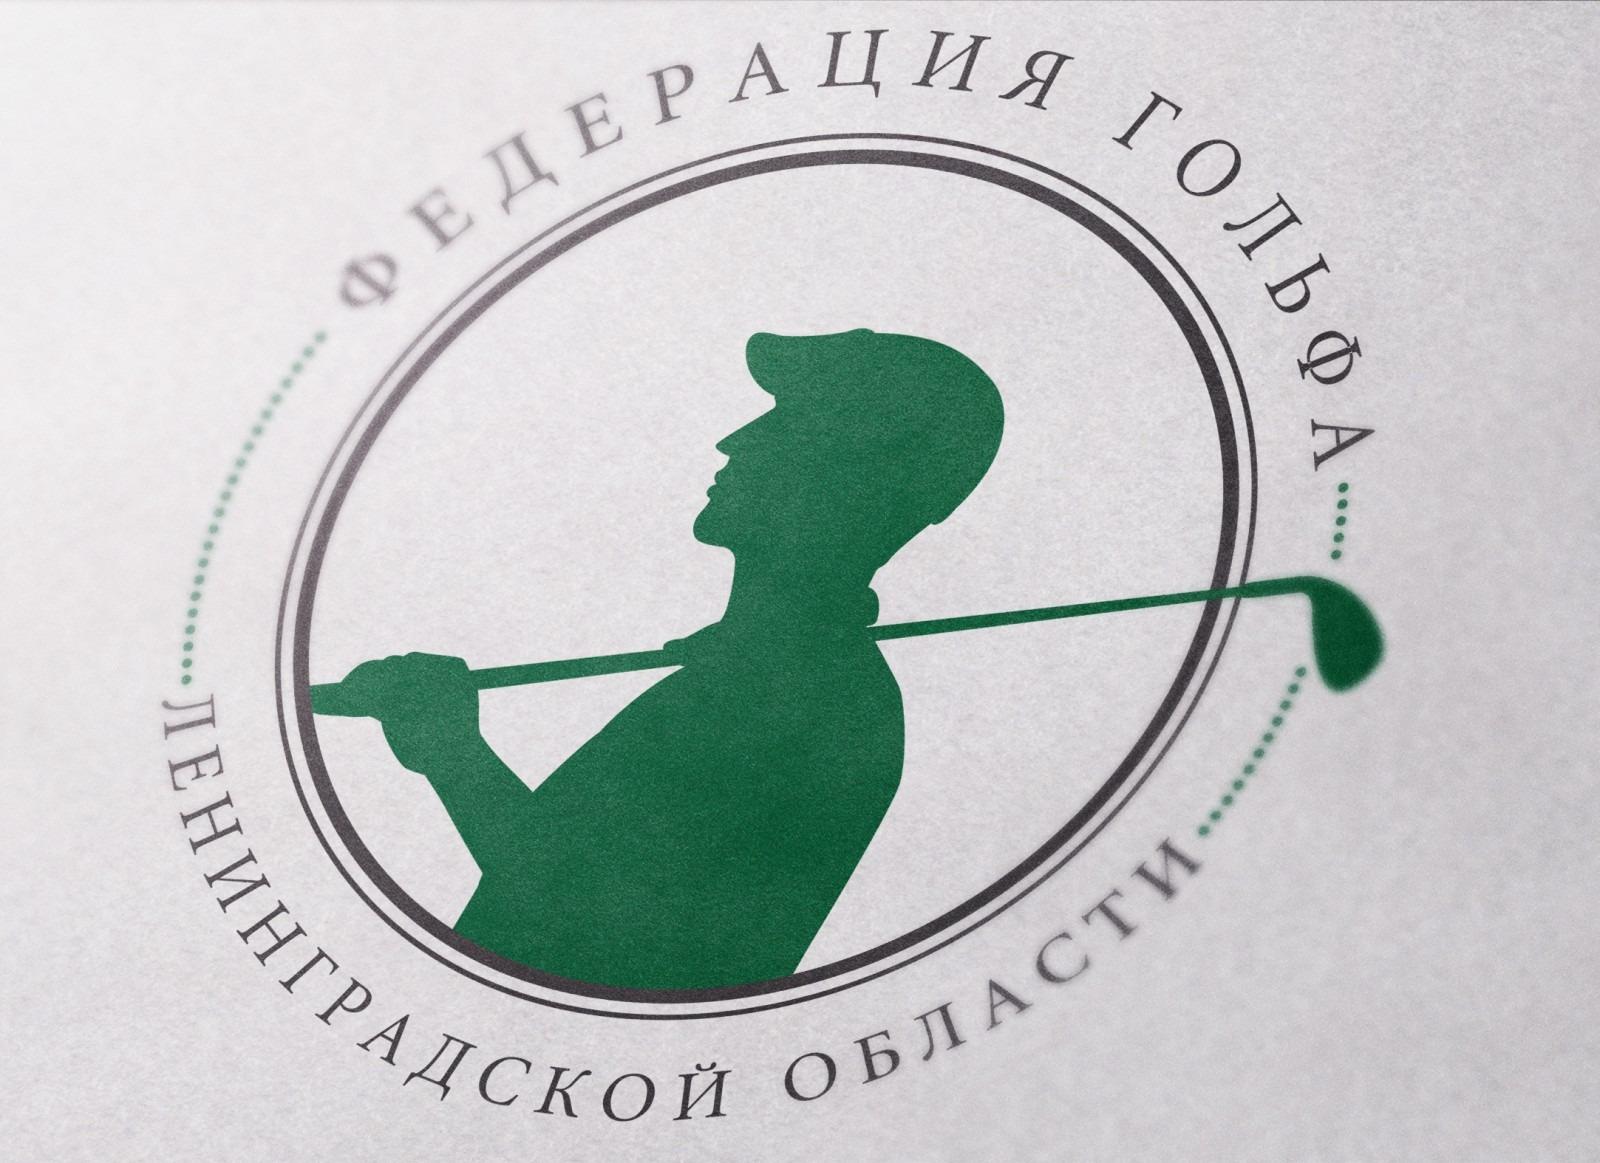 Разработка логотипа для гольфклуба